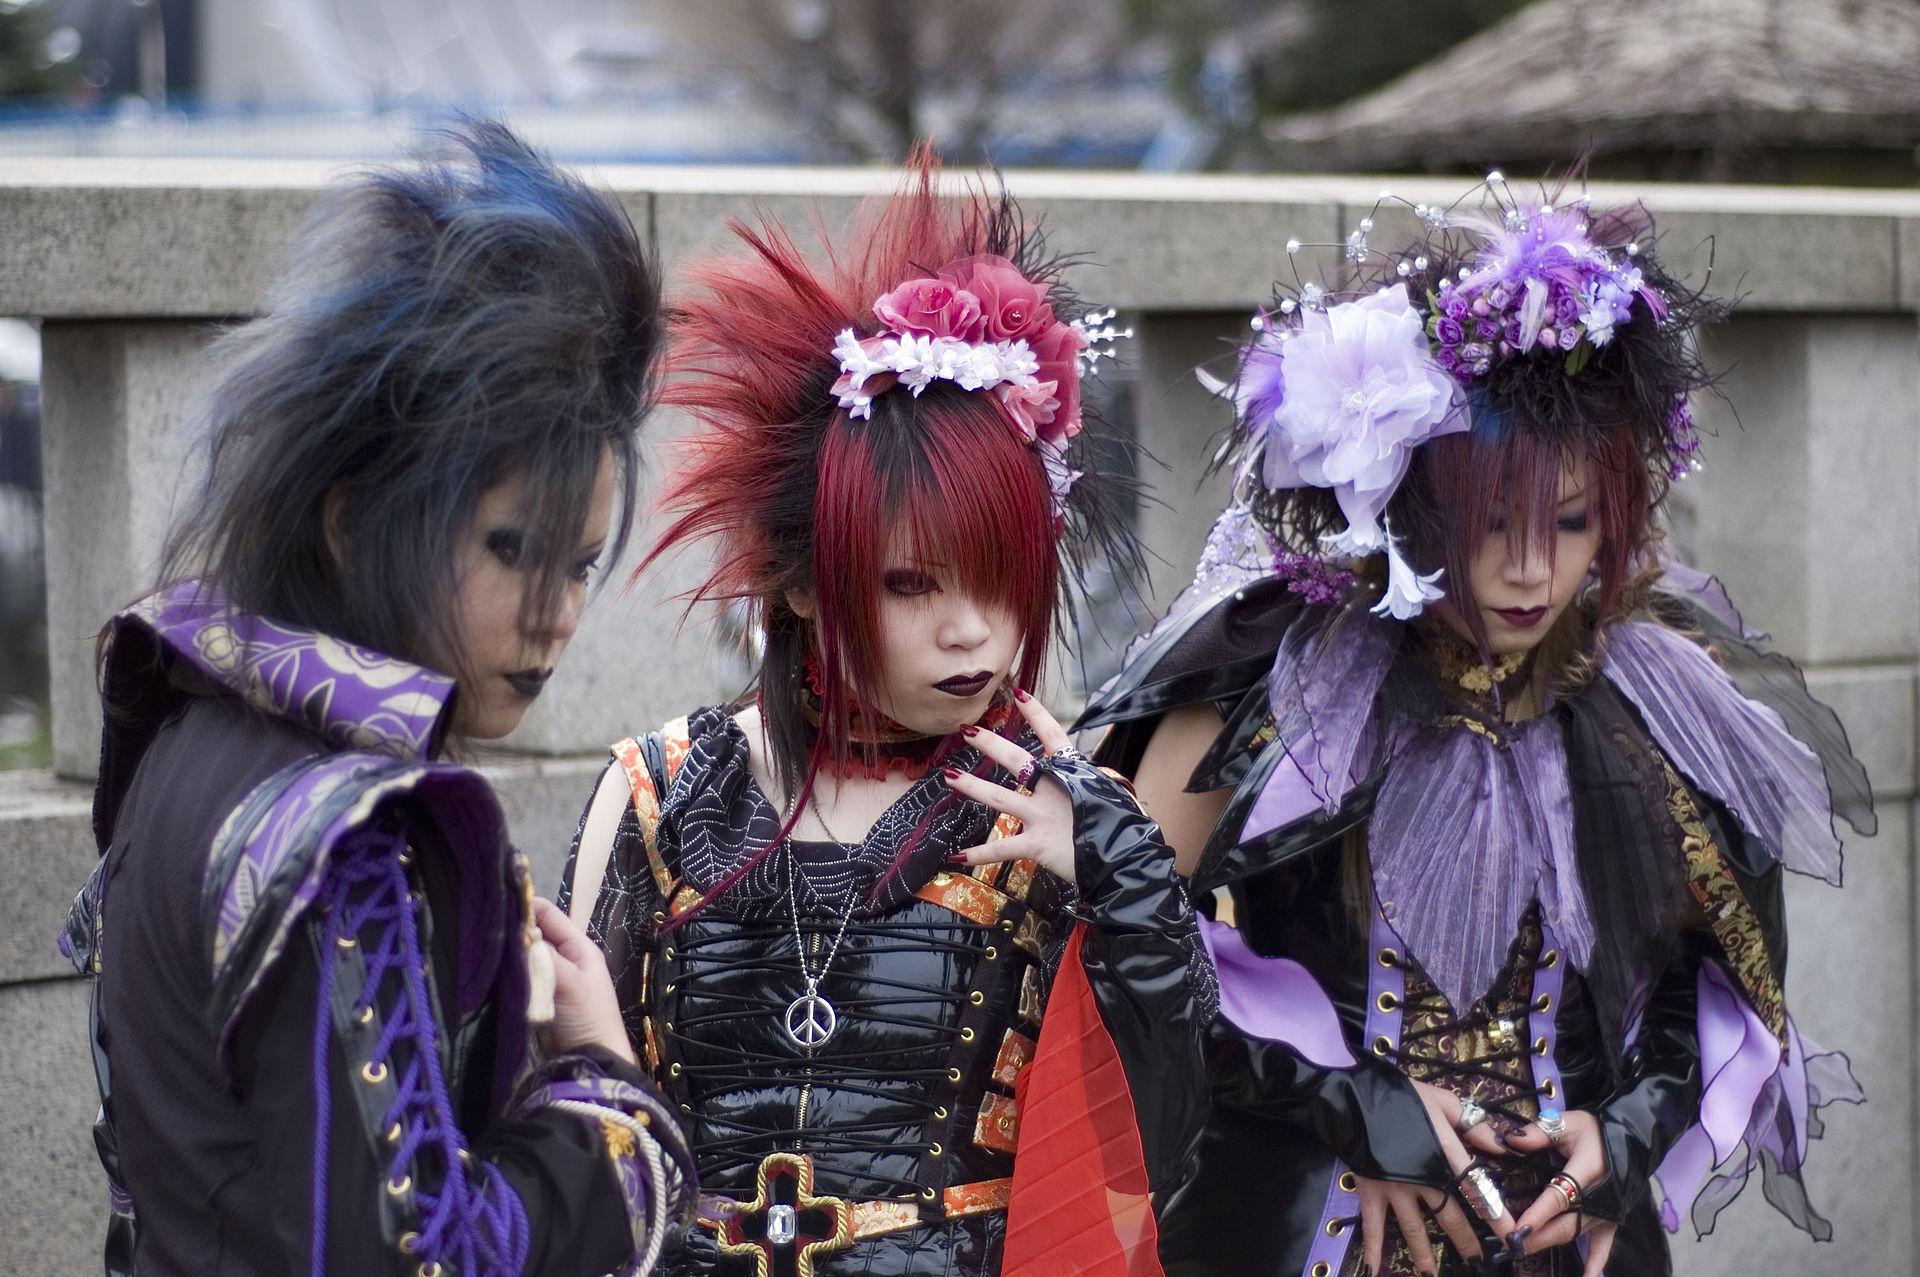 Japan pop culture